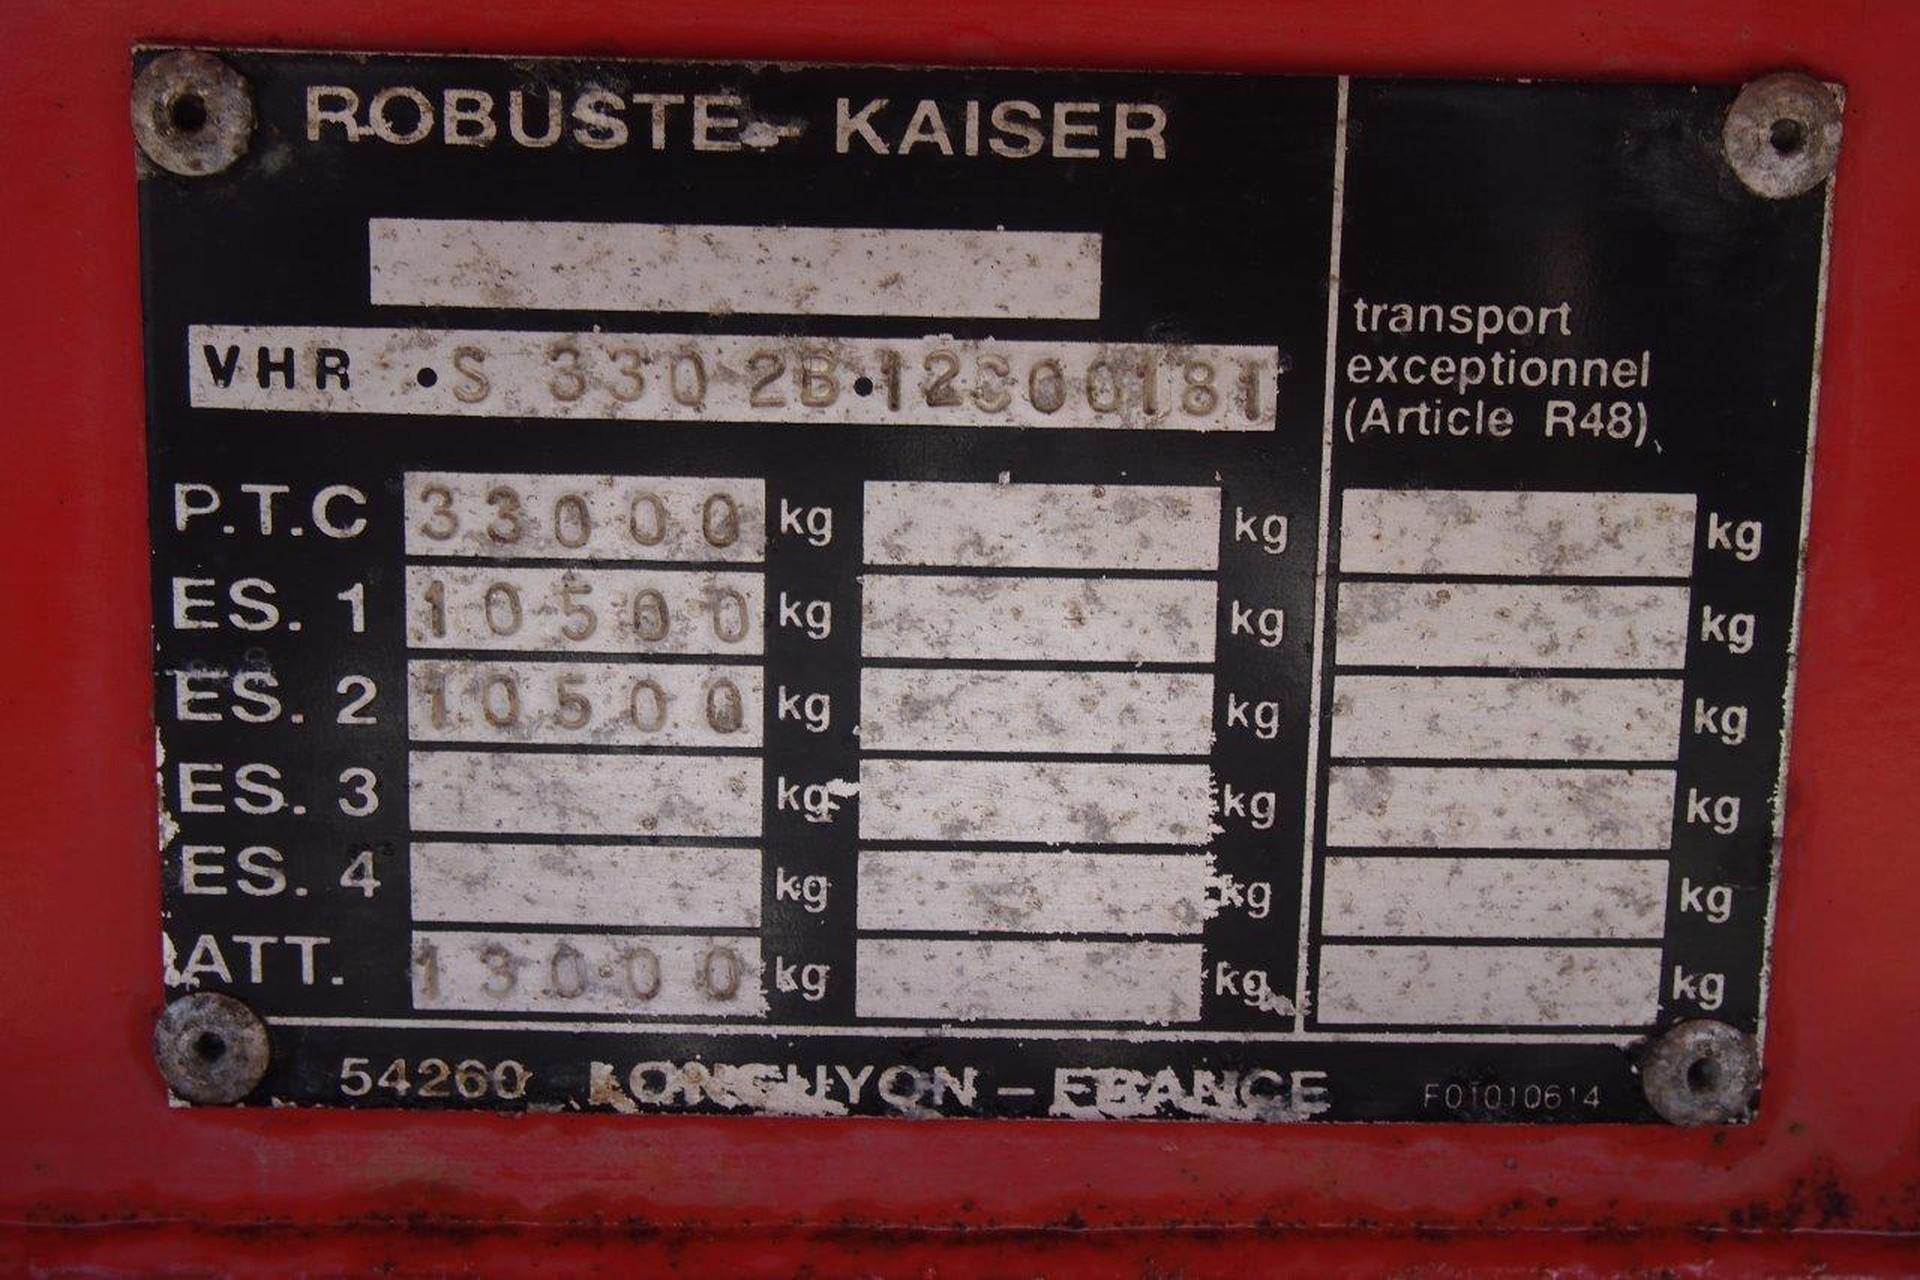 Robuste Kaiser 22 cub in steel